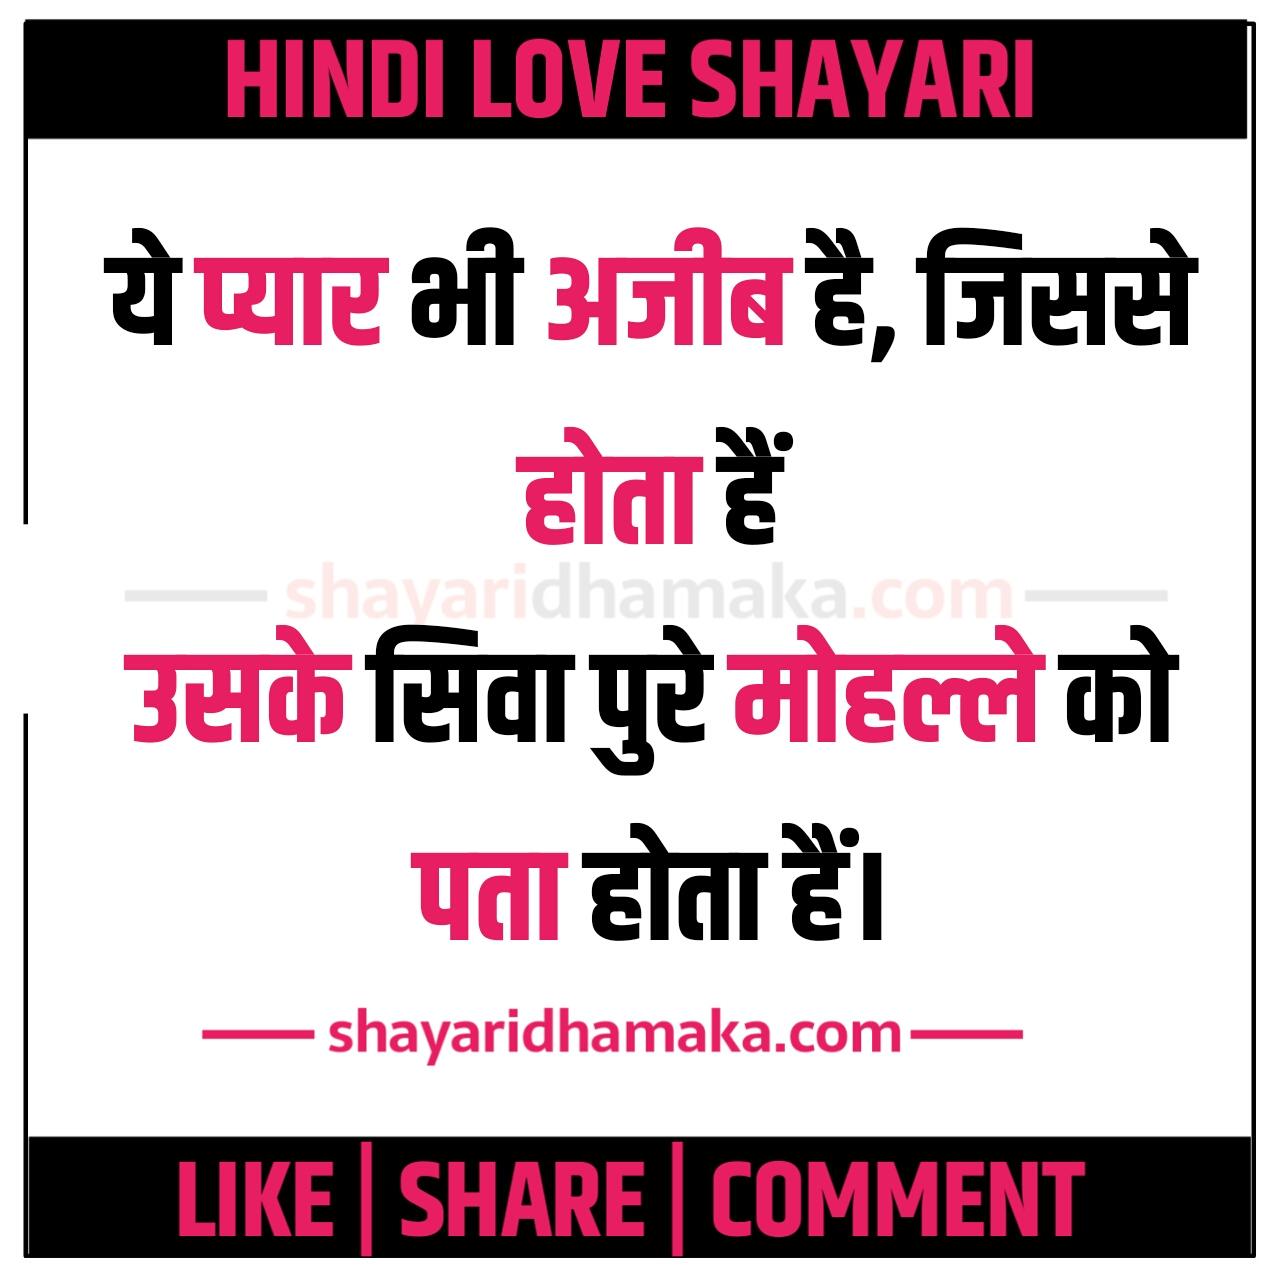 ये प्यार भी अजीब है, जिससे - Hindi Love Shayari